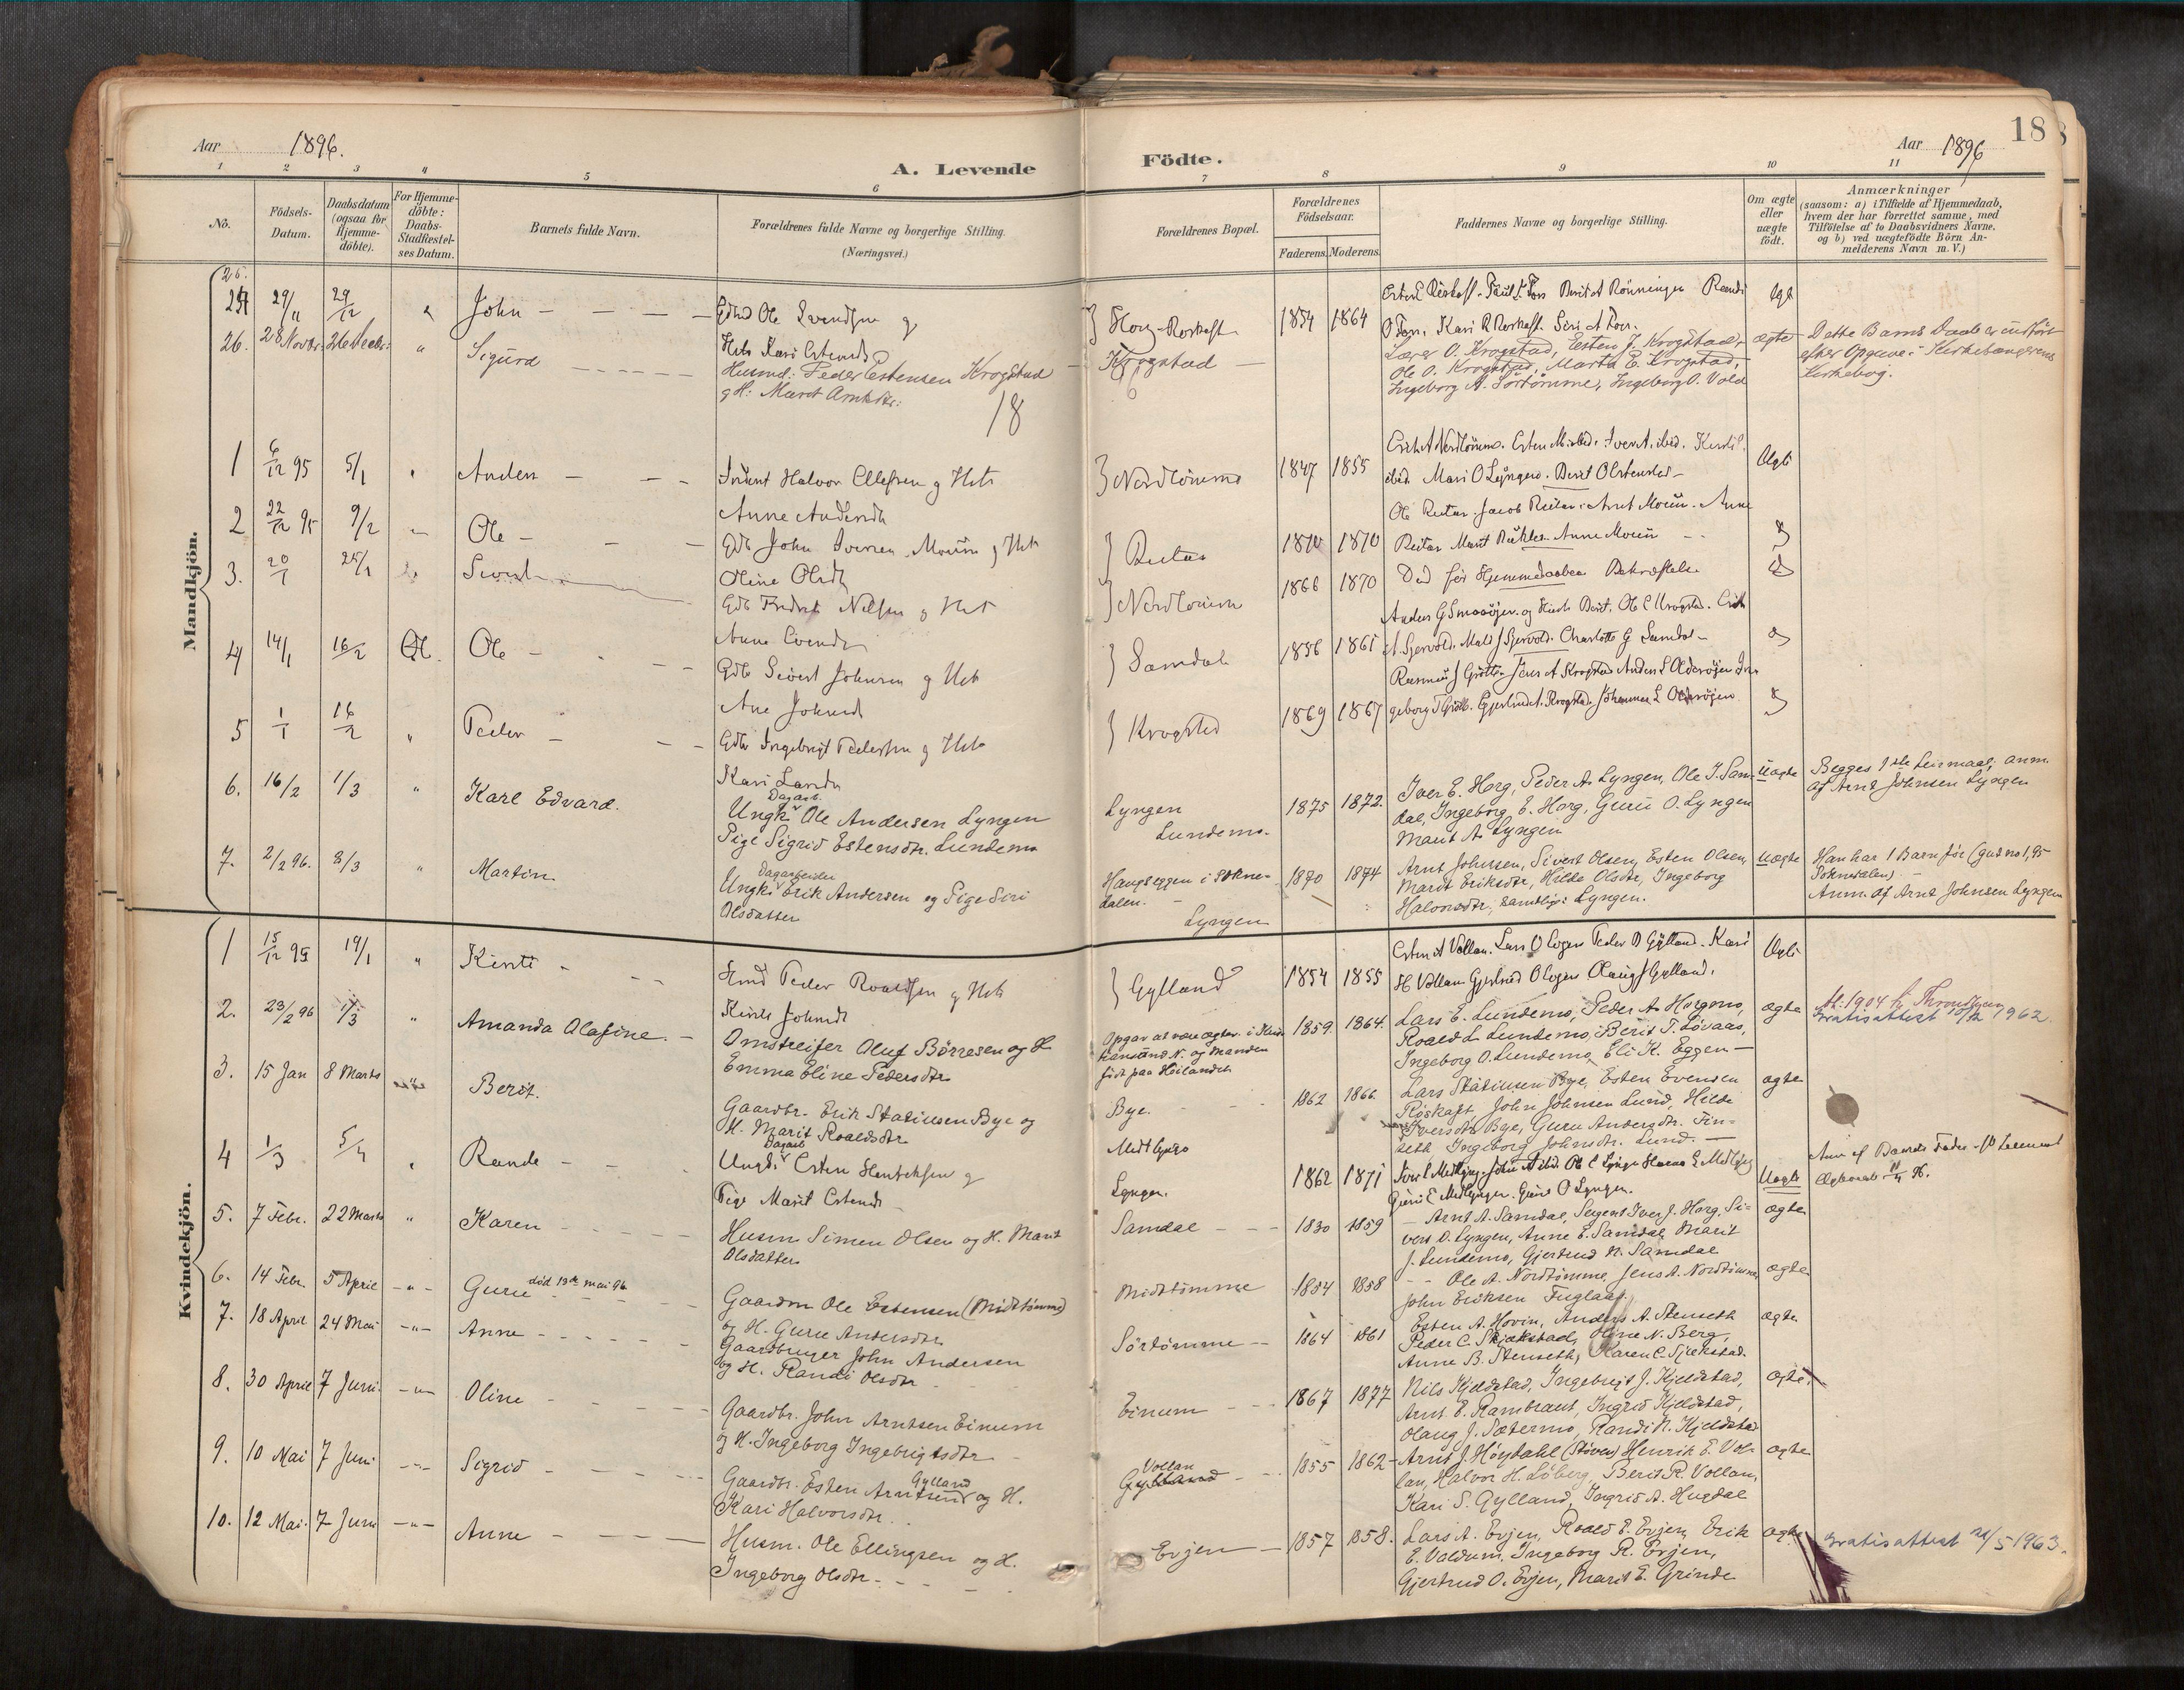 SAT, Ministerialprotokoller, klokkerbøker og fødselsregistre - Sør-Trøndelag, 692/L1105b: Ministerialbok nr. 692A06, 1891-1934, s. 18